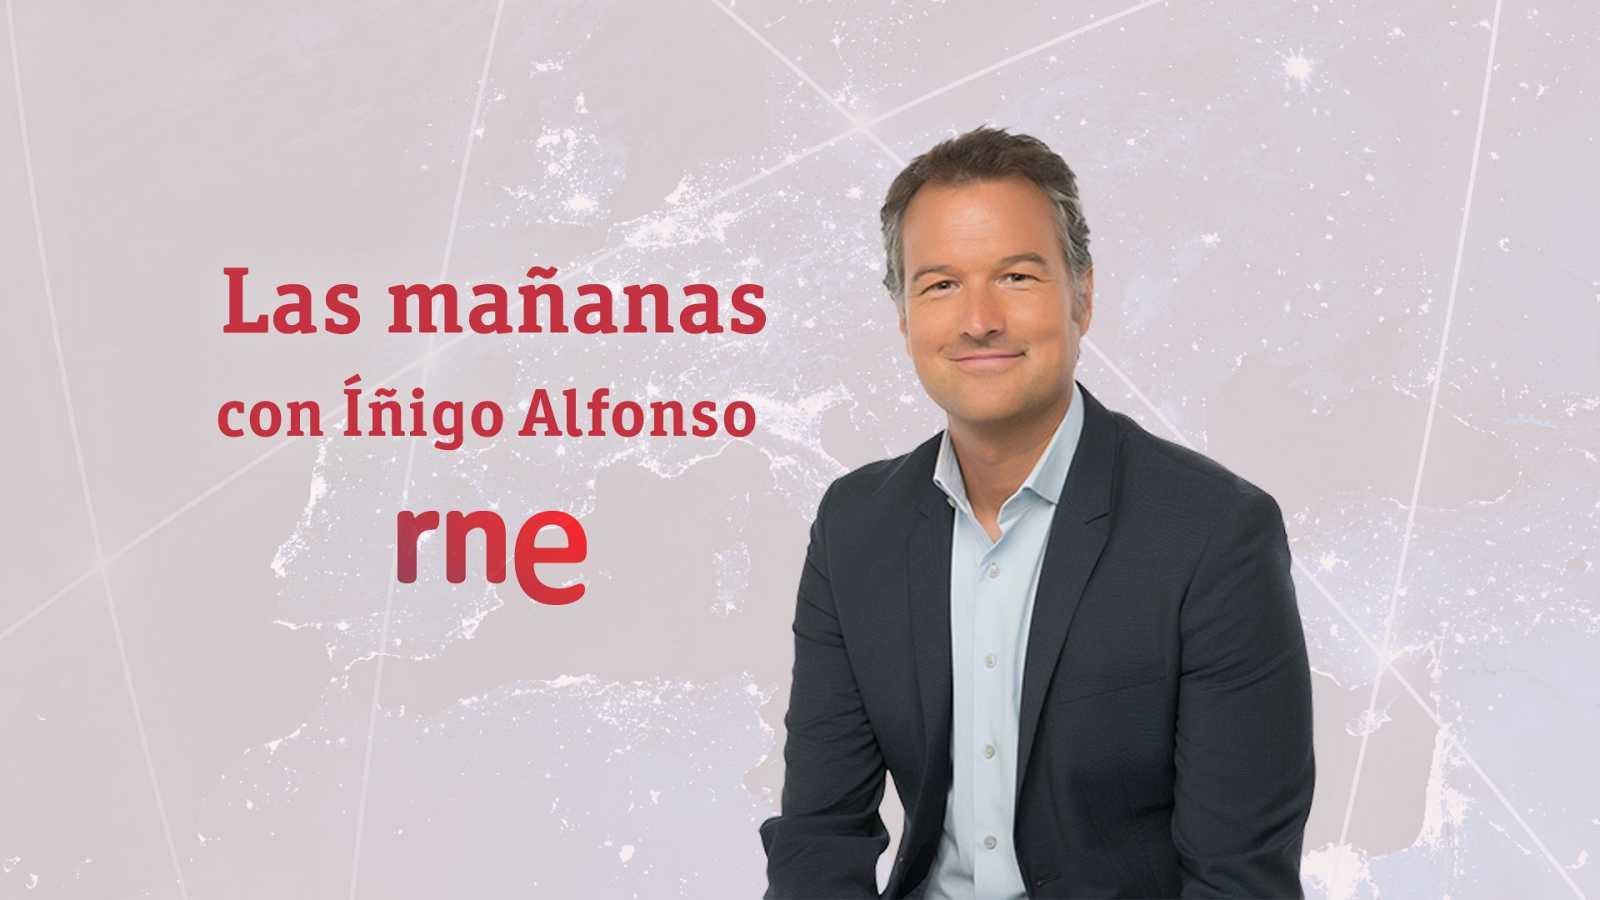 Las mañanas de RNE con Íñigo Alfonso - Primera hora - 25/01/21 - escuchar ahora